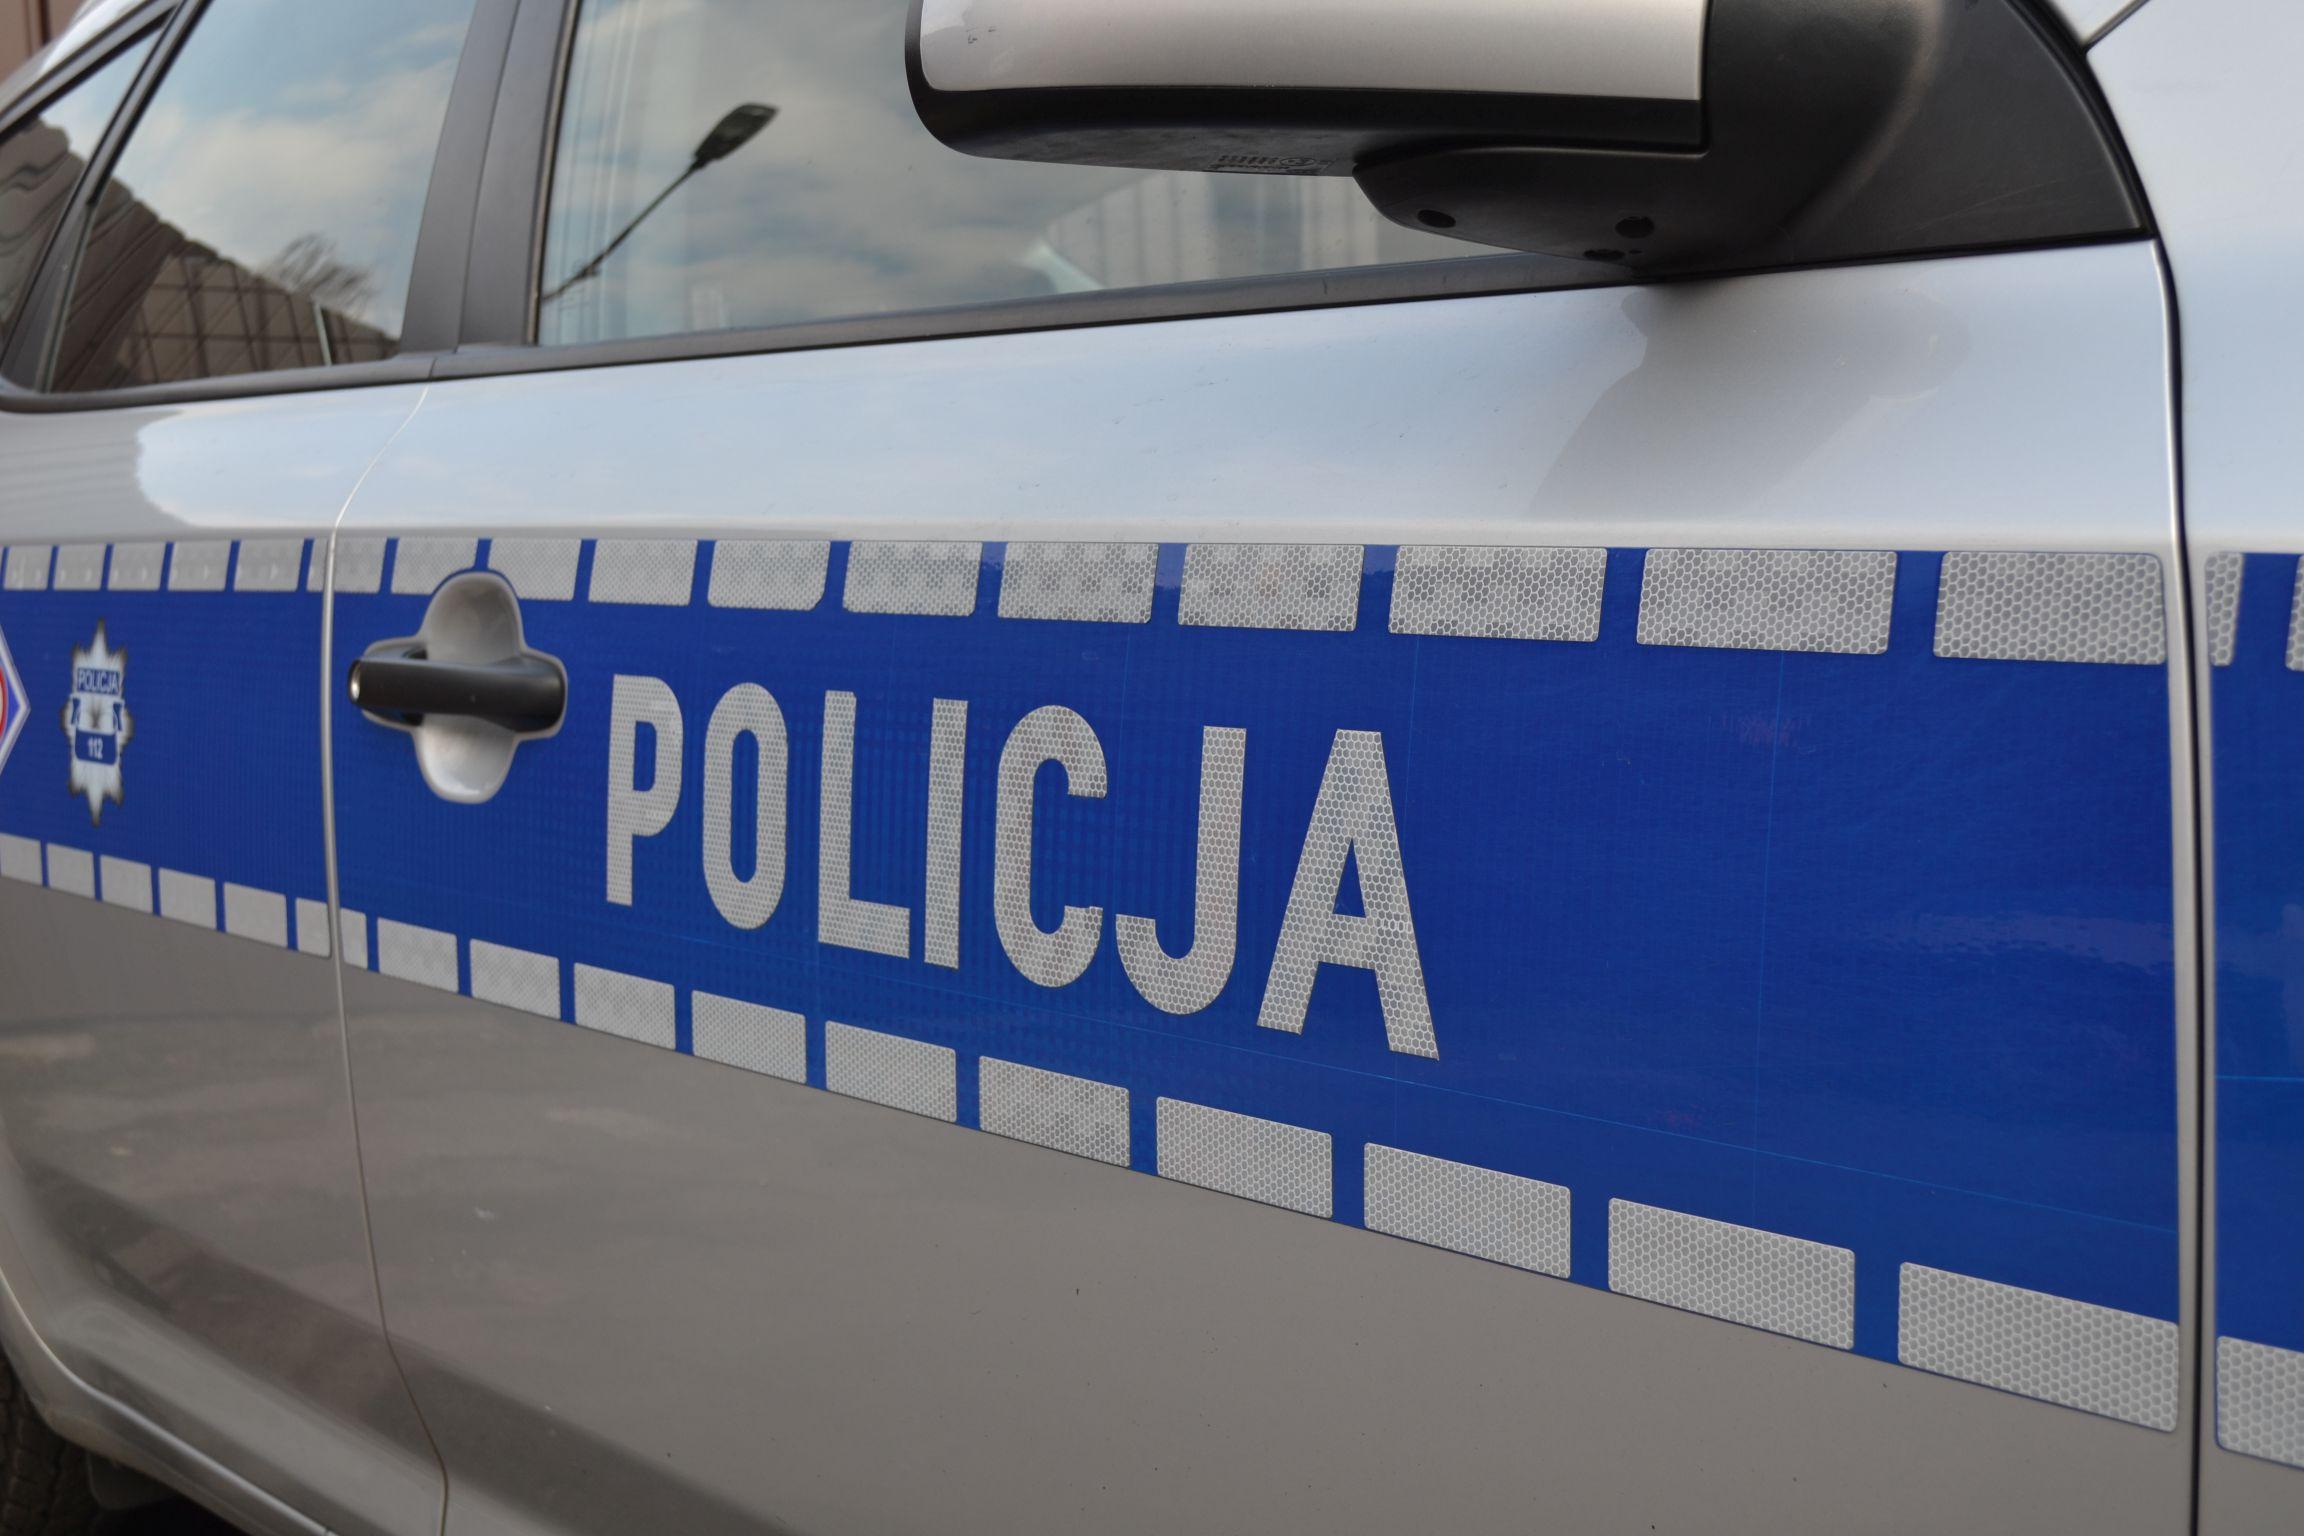 Kradzież na pracownika spółdzielni. Policja ostrzega